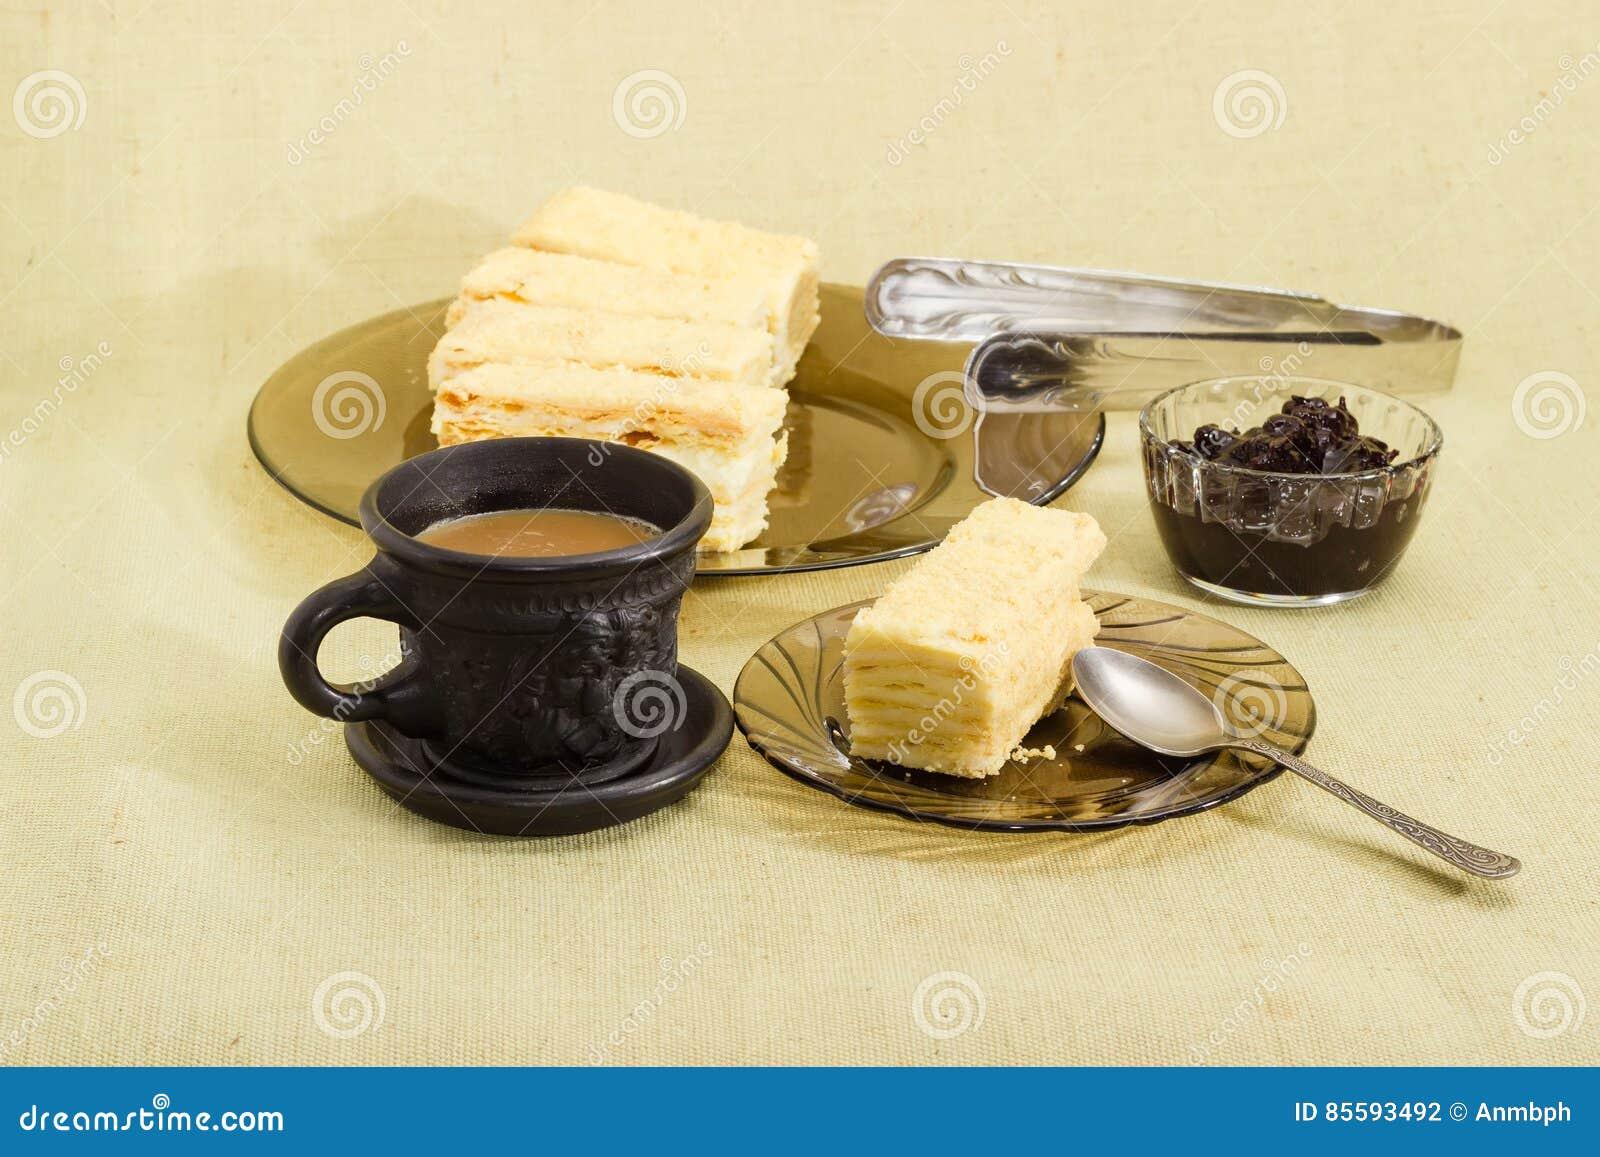 Gelaagd biscuitgebak, koffie met melk, jam